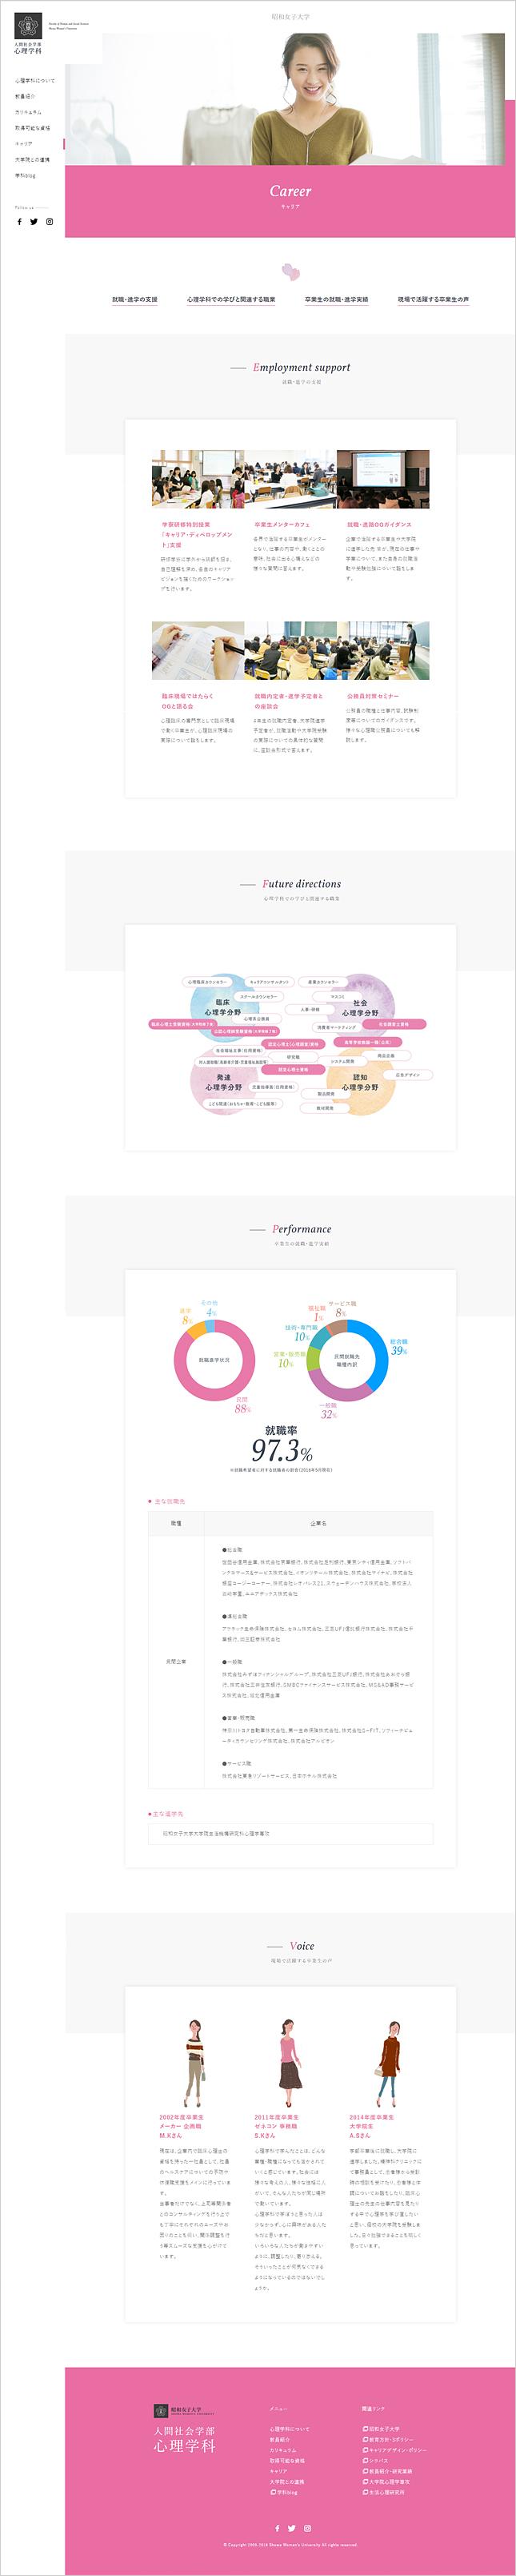 昭和女子大学ウェブサイトデザイン制作実績・高校・大学のホームページデザイン制作実績